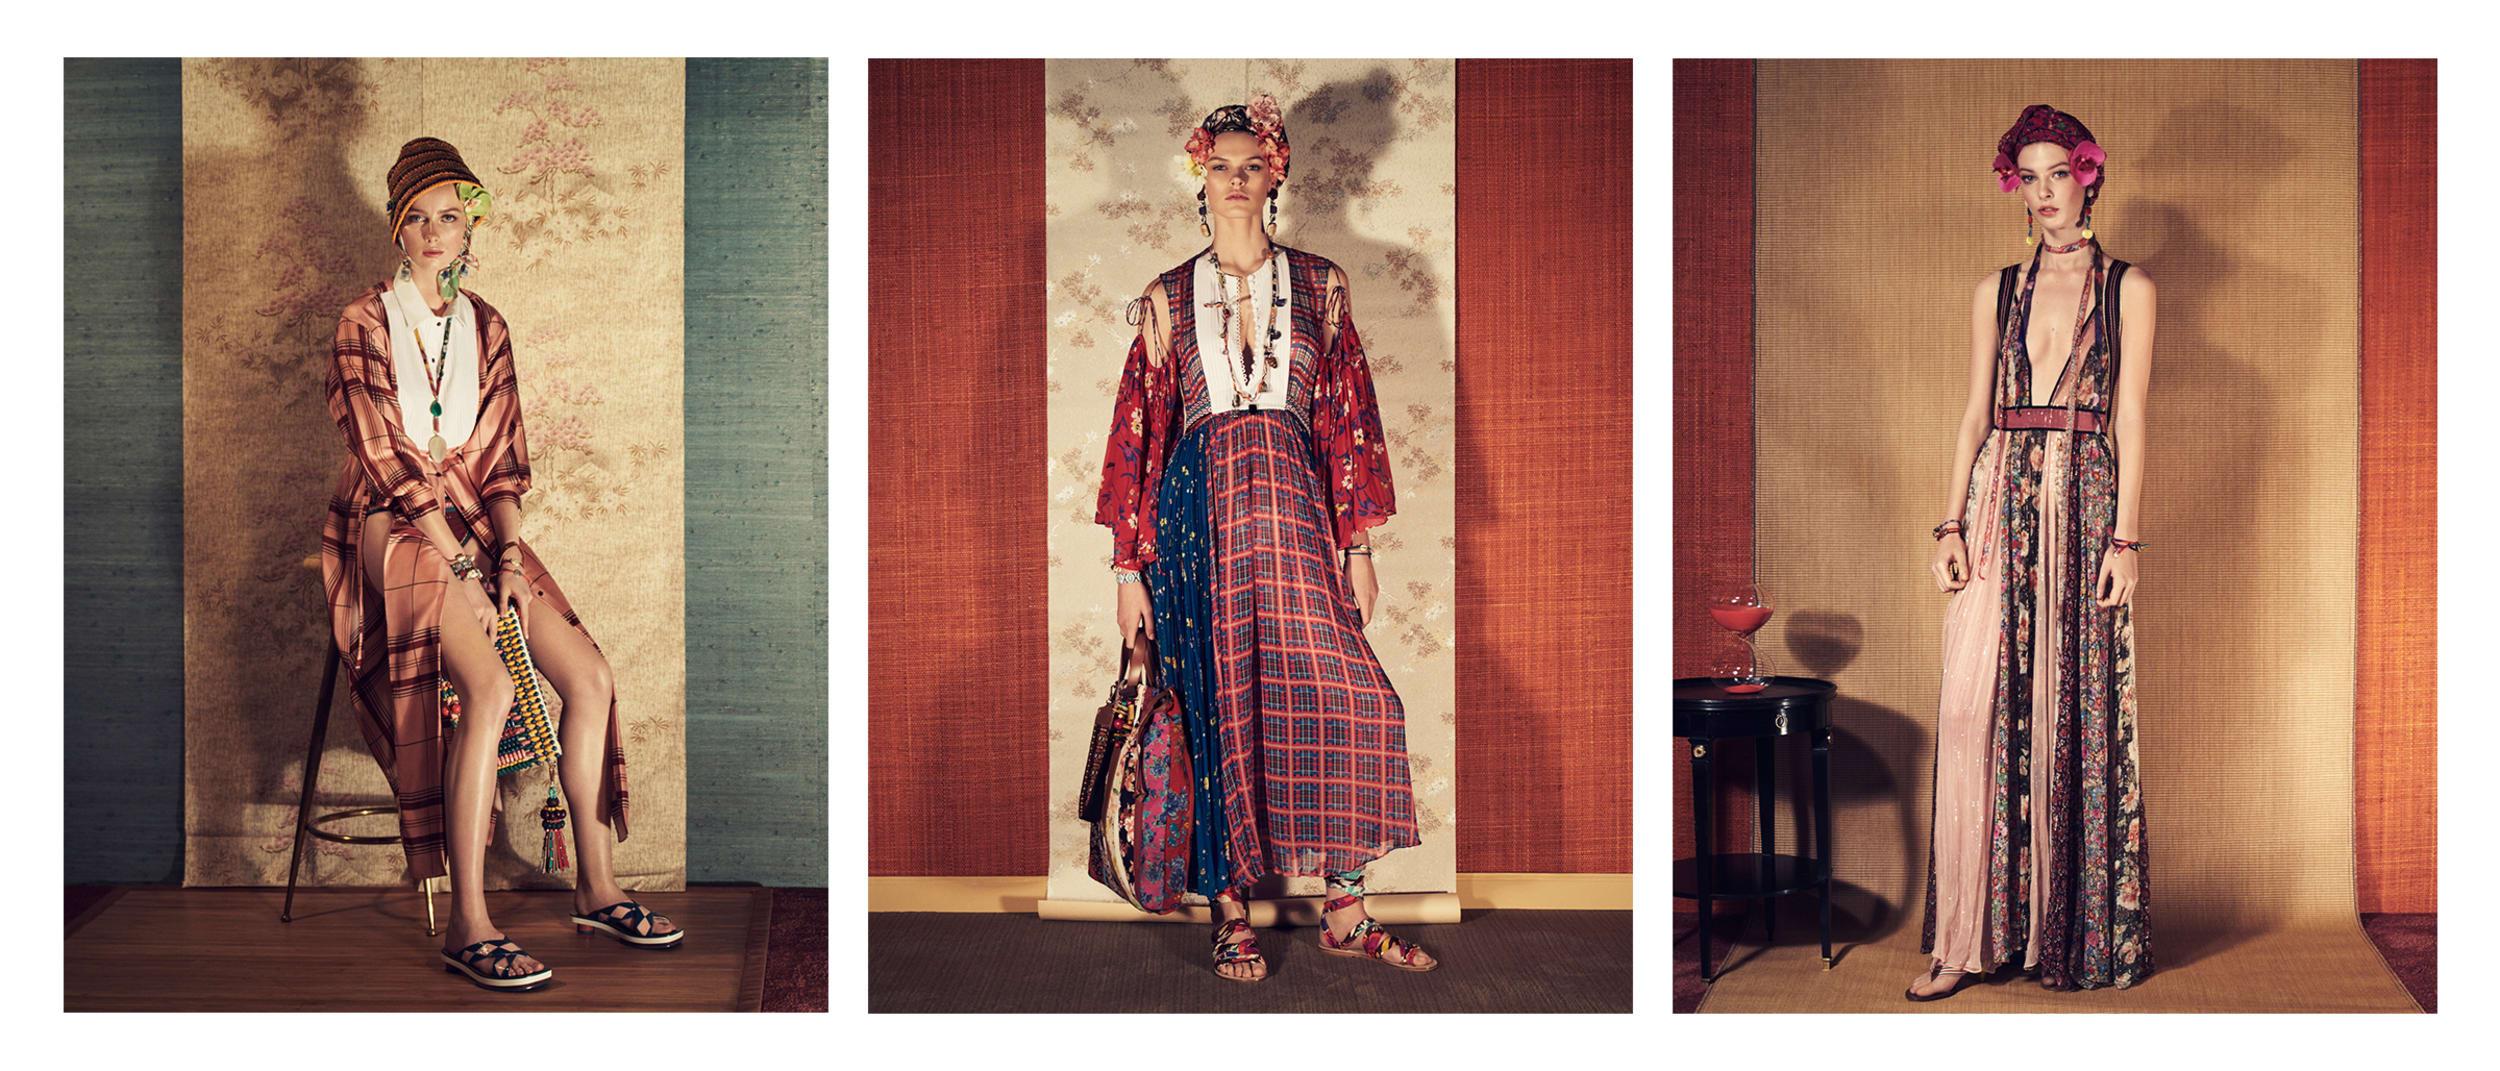 Zara clothes collection